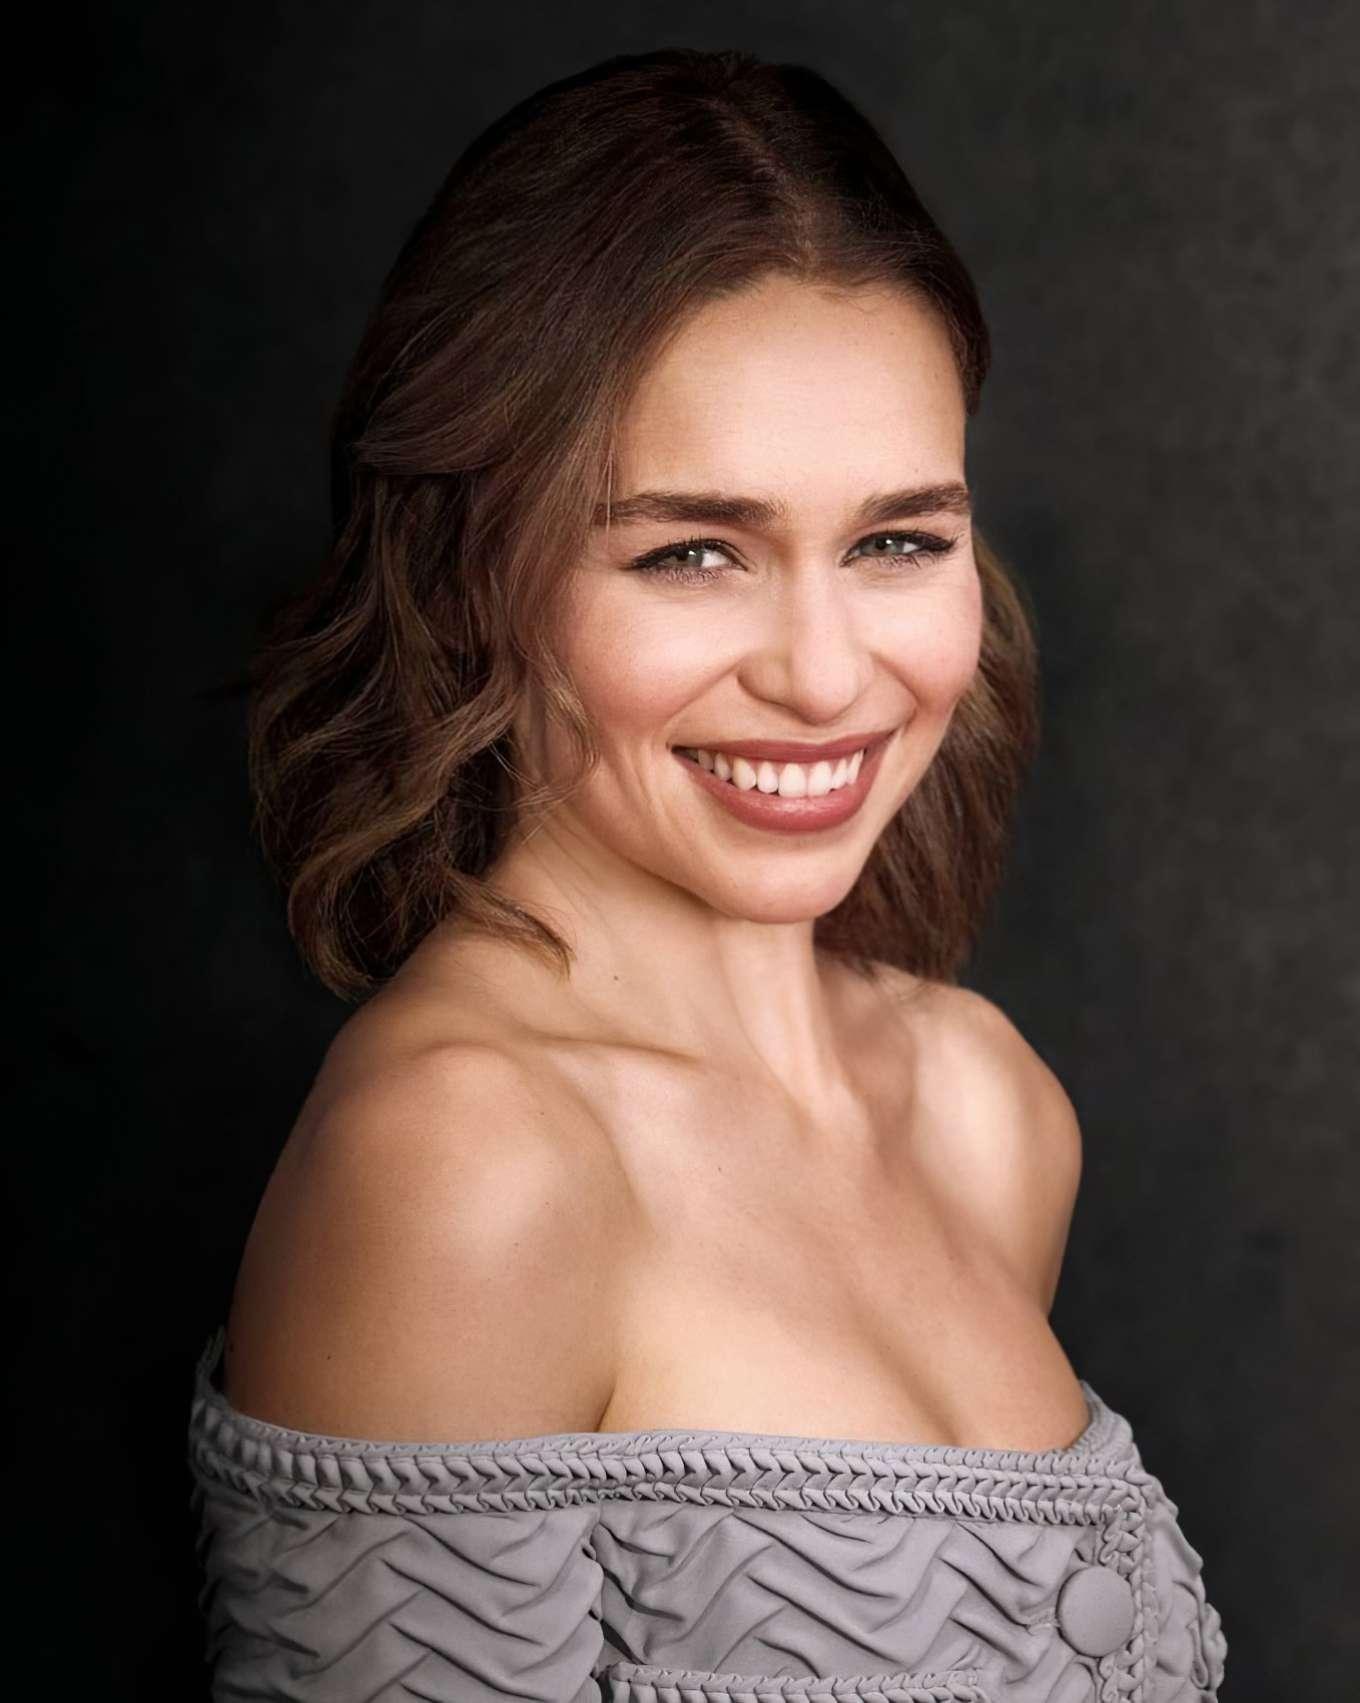 Emilia Clarke - 'Last Christmas' Portrait 2019 in Berlin